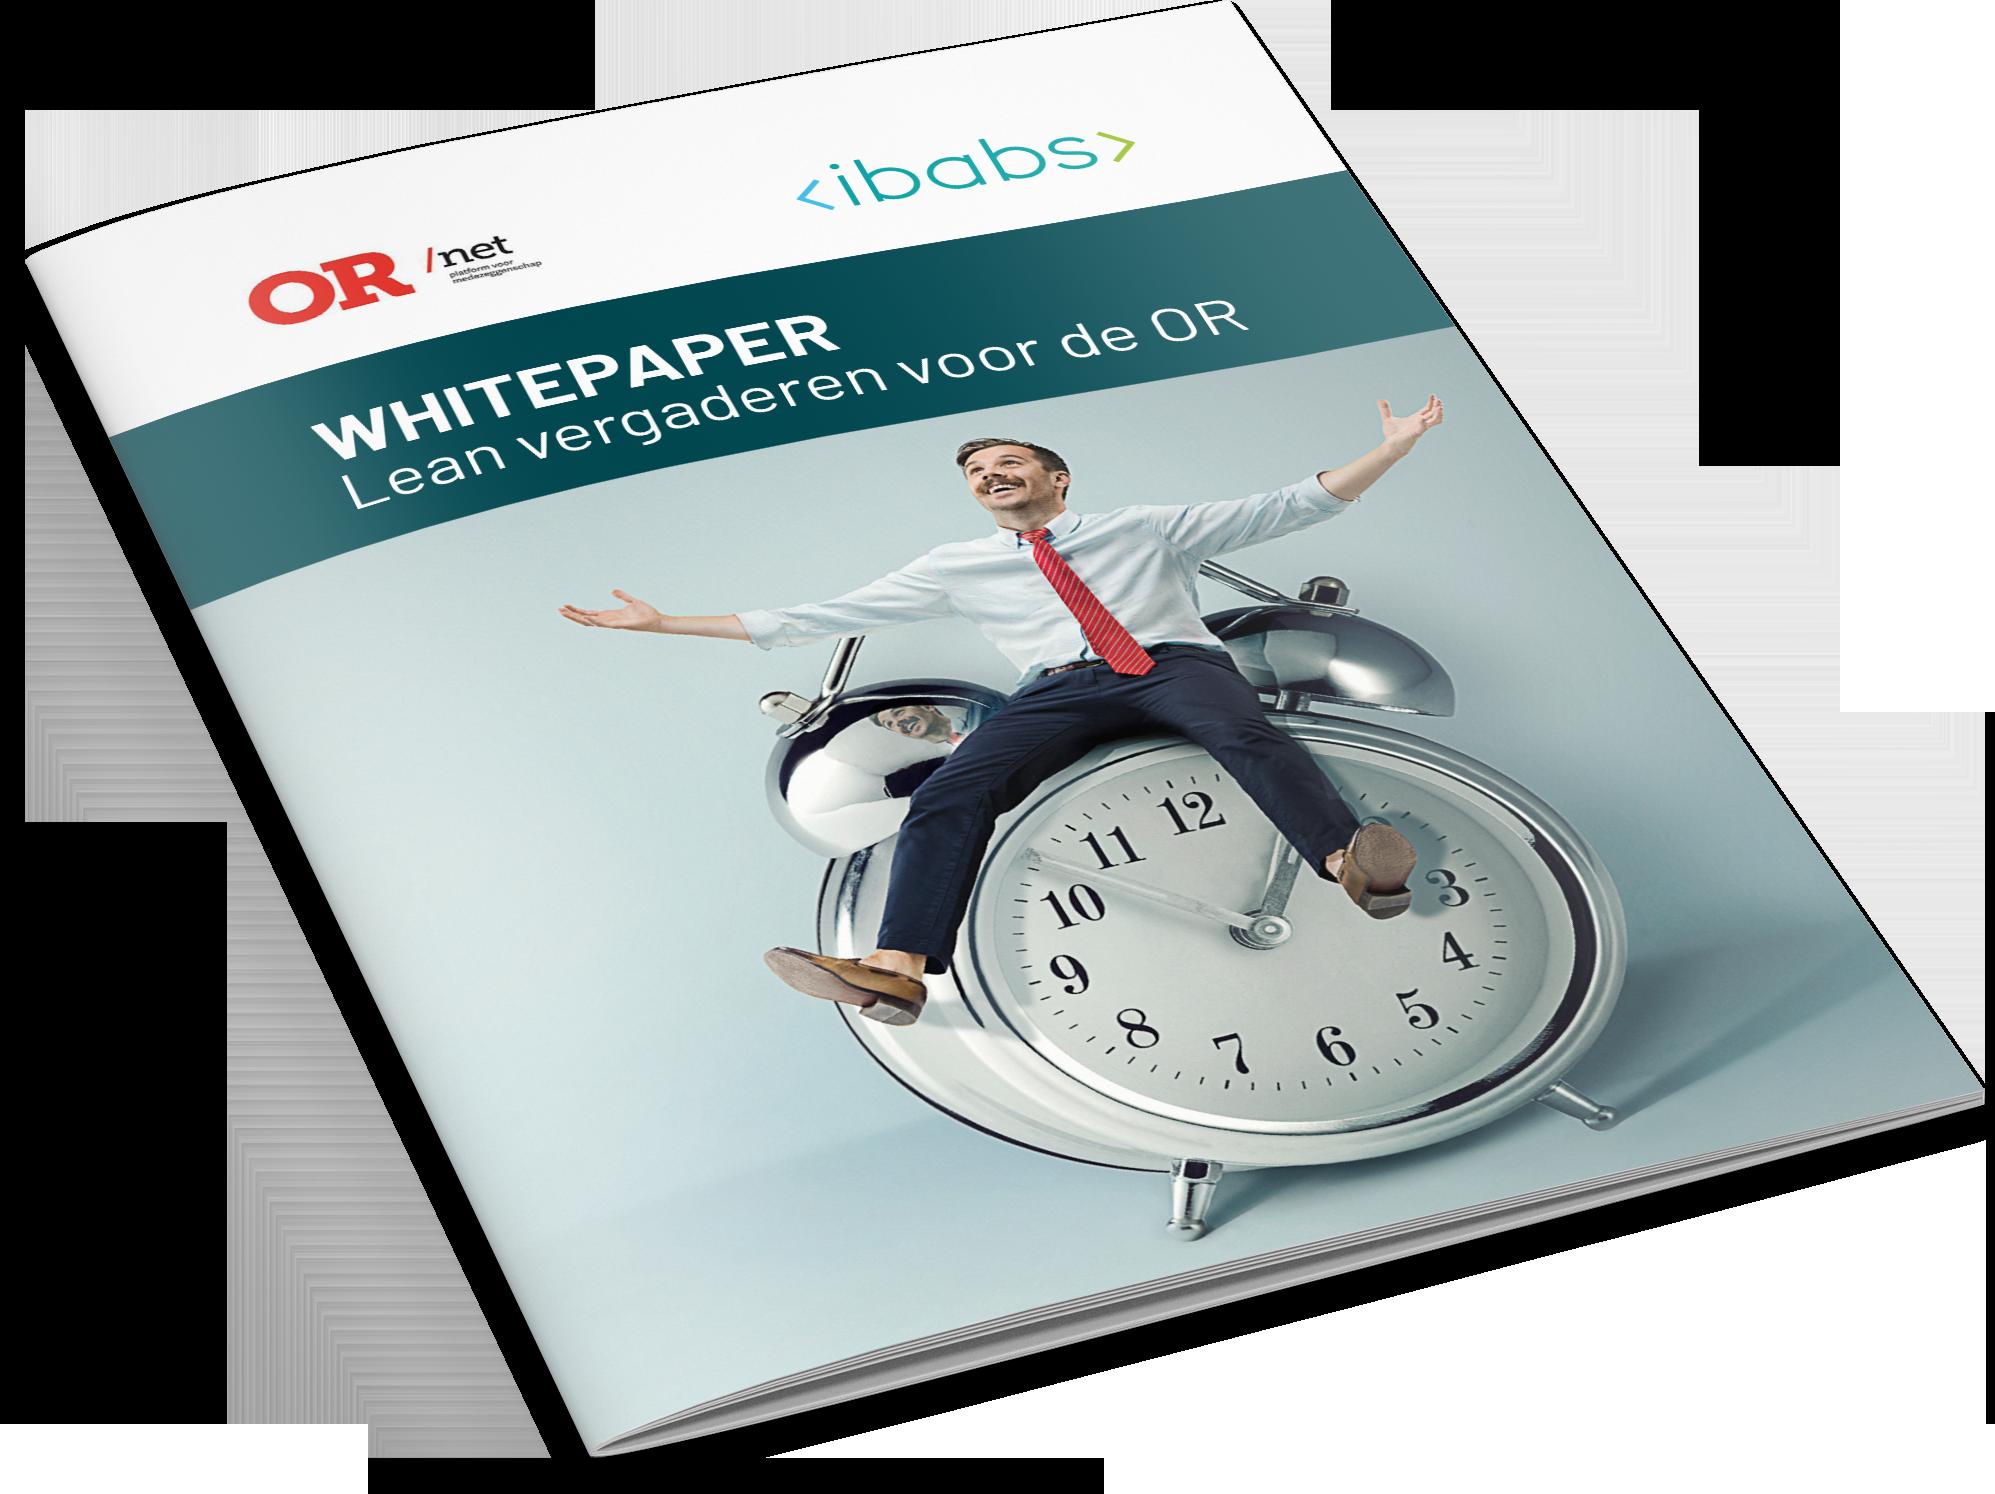 Cover-Whitepaper---Lean-vergaderen-voor-de-OR